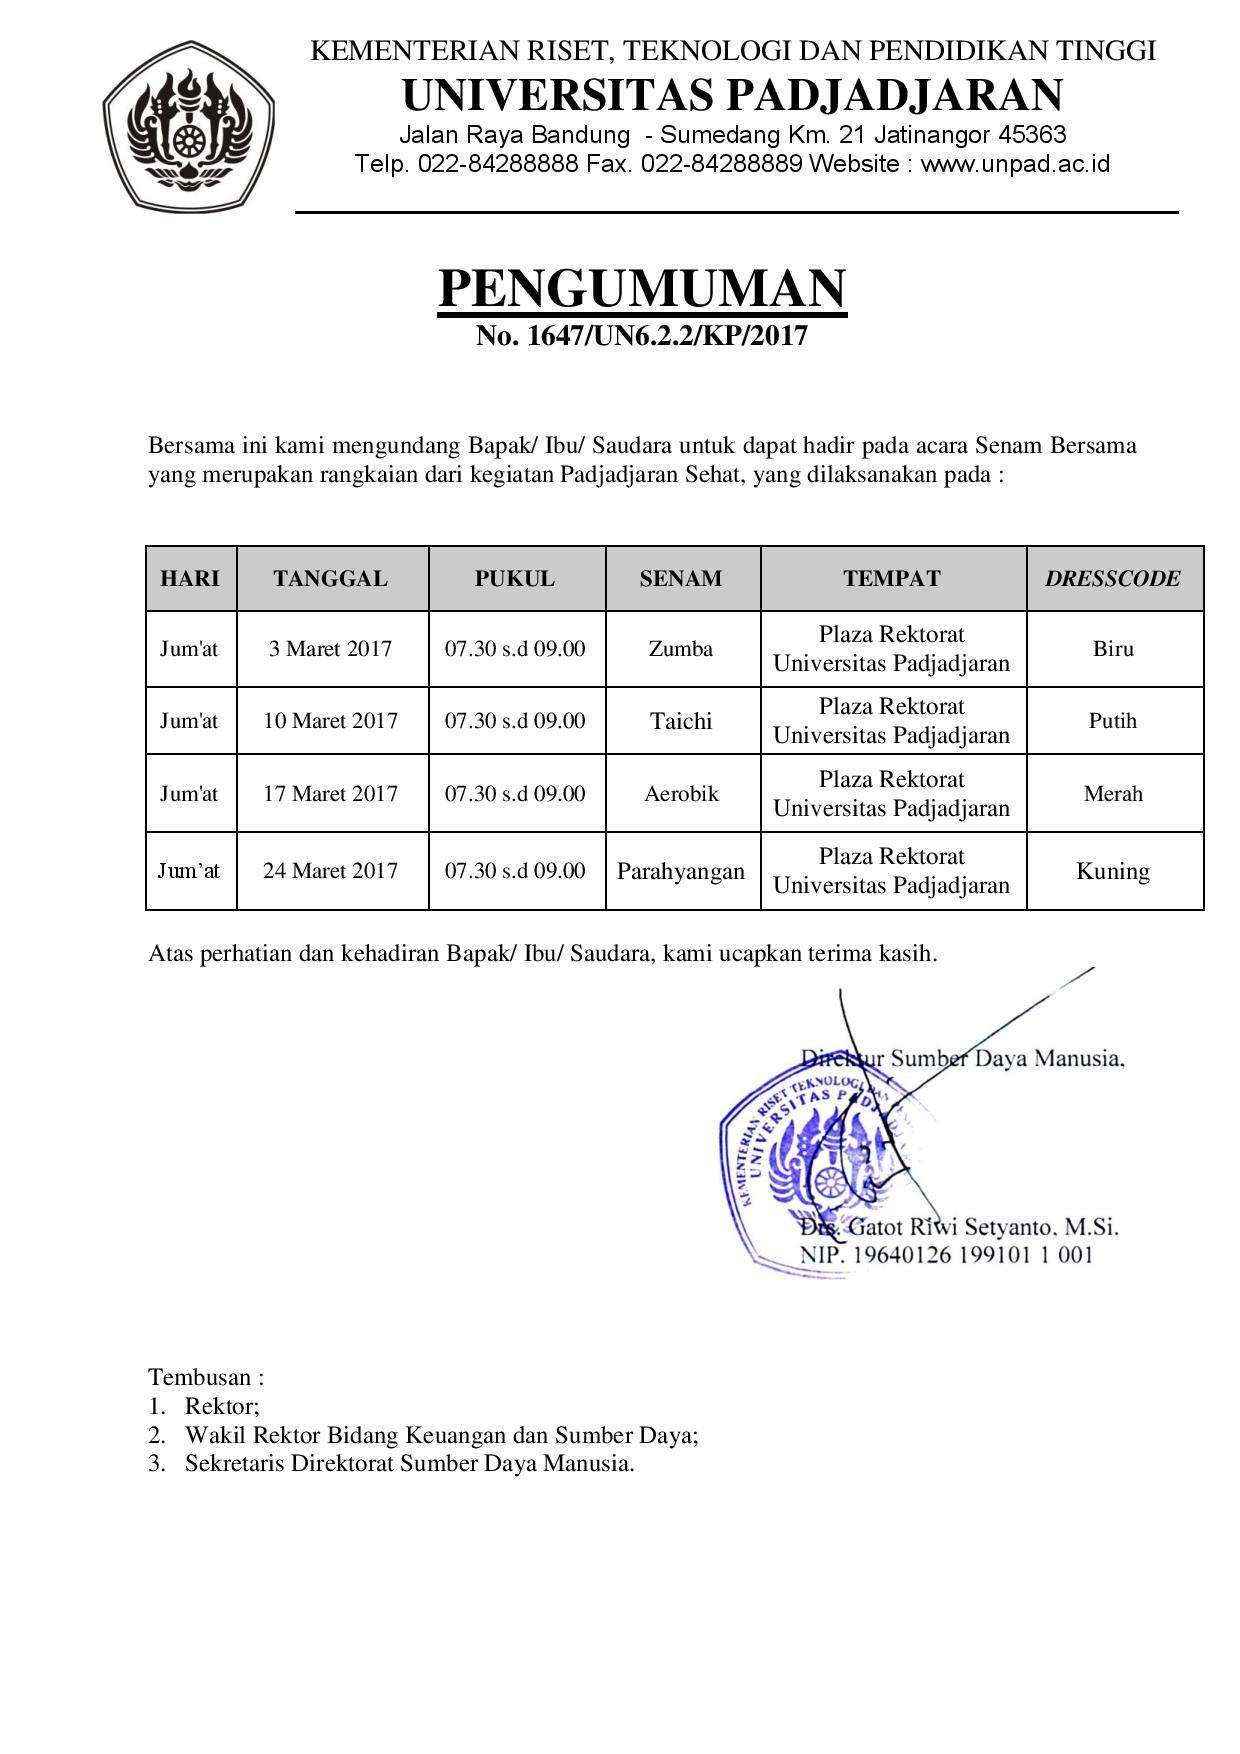 jadwal-senam-maret-2017